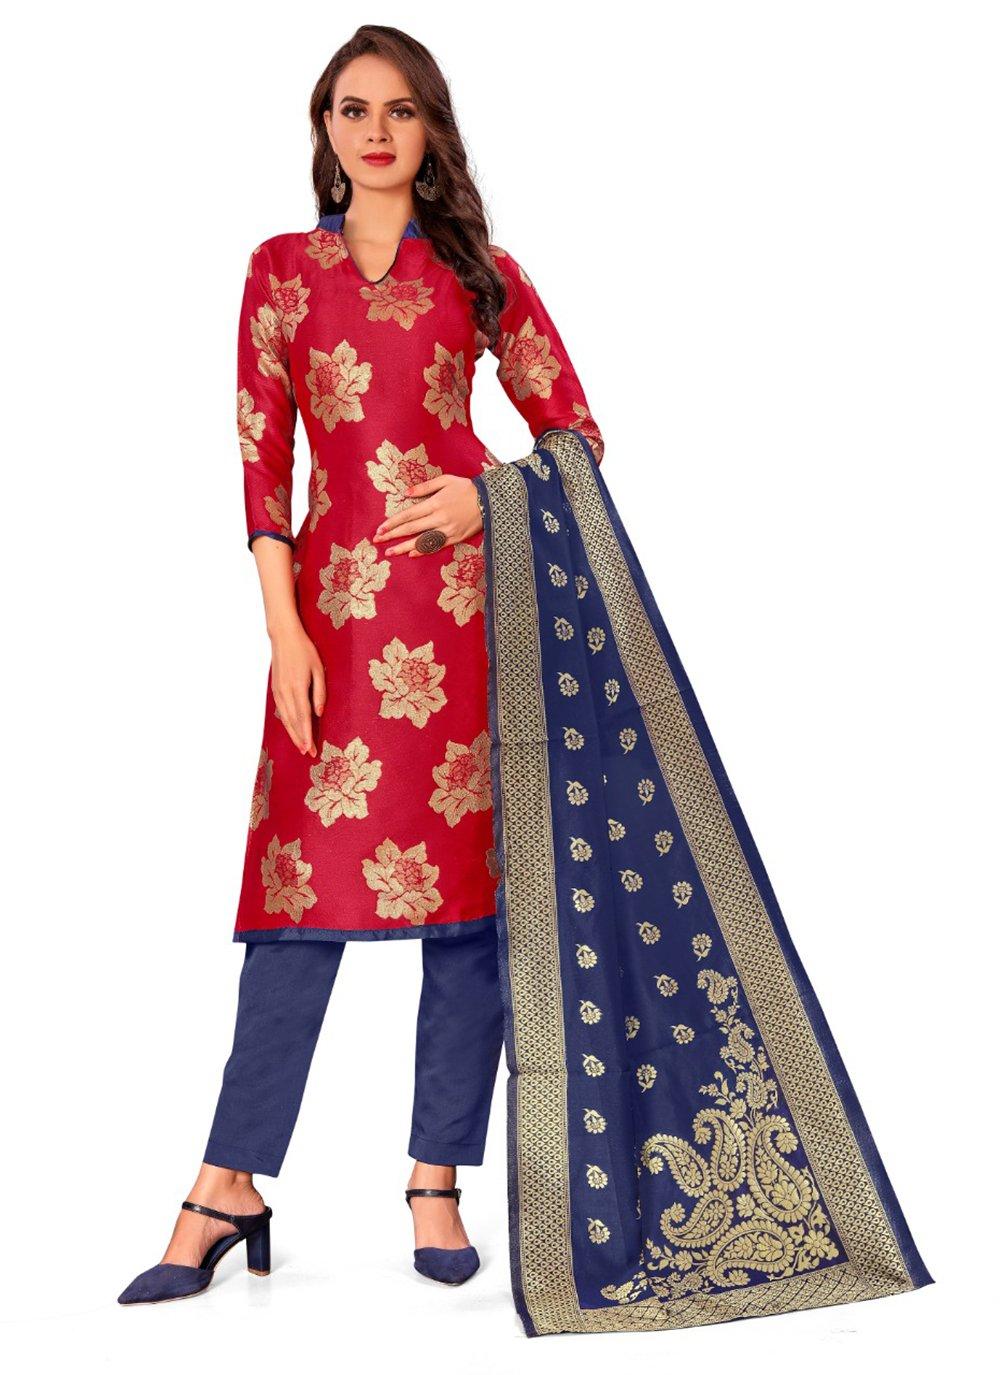 Banarasi Silk Red Weaving Pant Style Suit